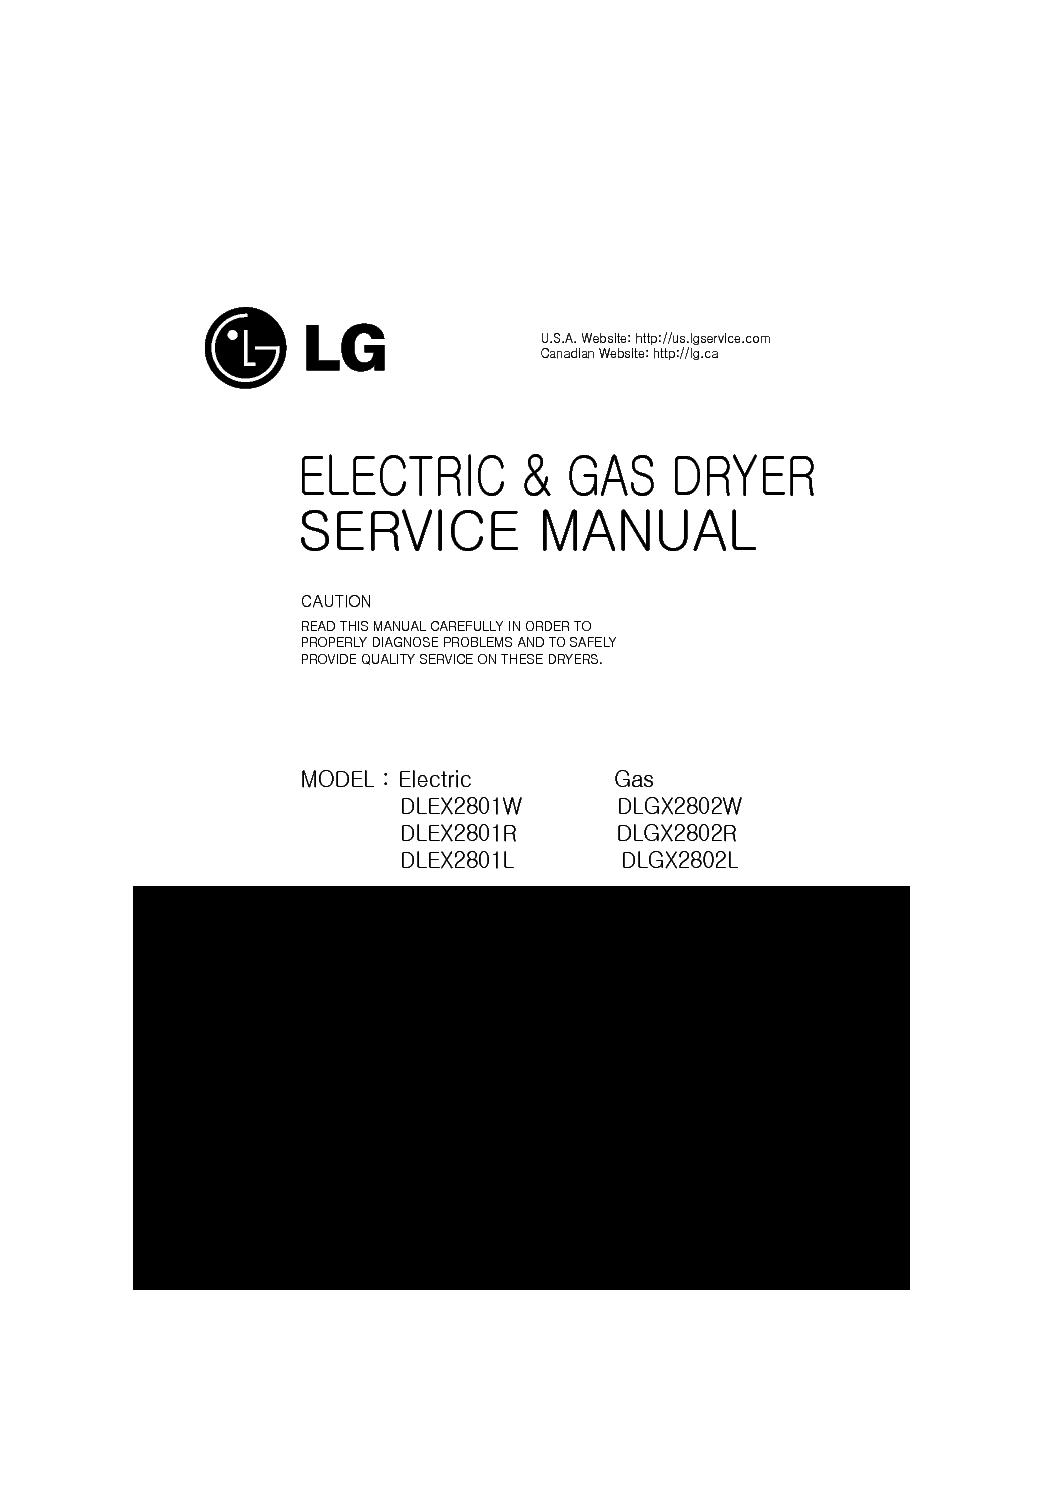 LG DLEX2801W[R][L] DLGX2802W[R][L] service